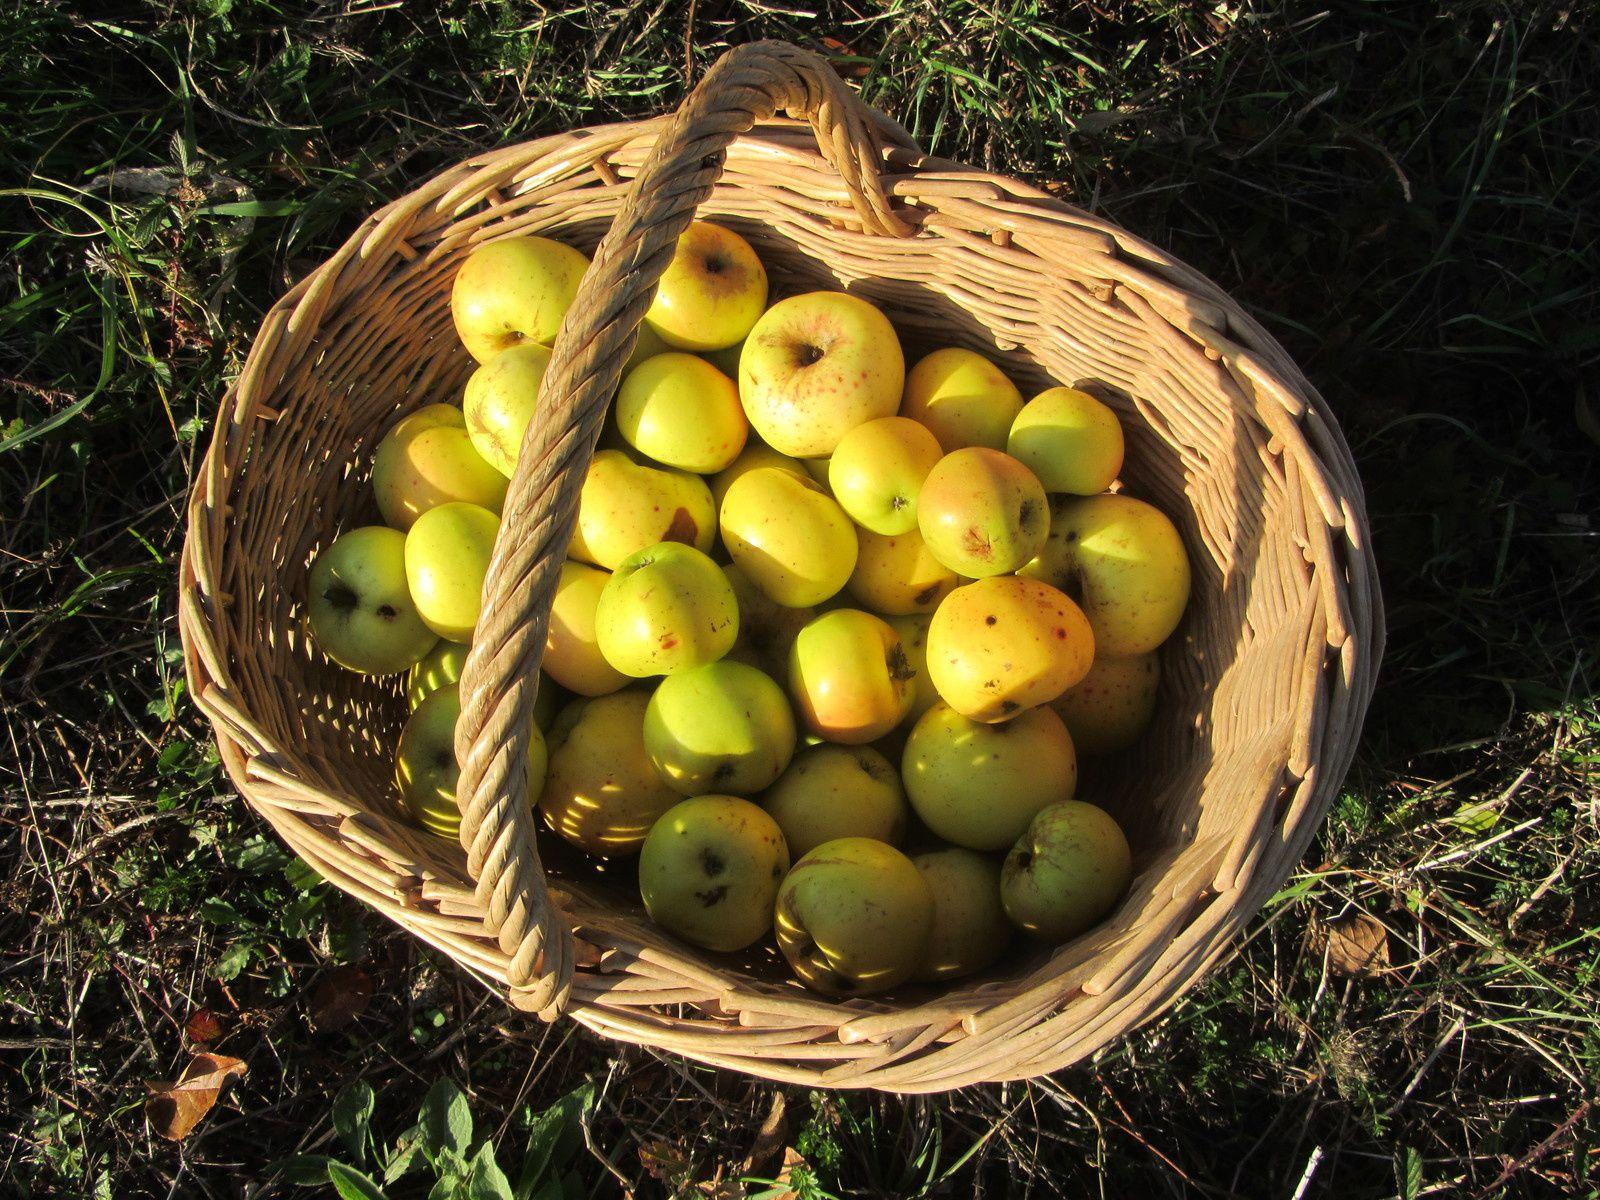 Puis de revenir le panier empli de pommes odorantes.